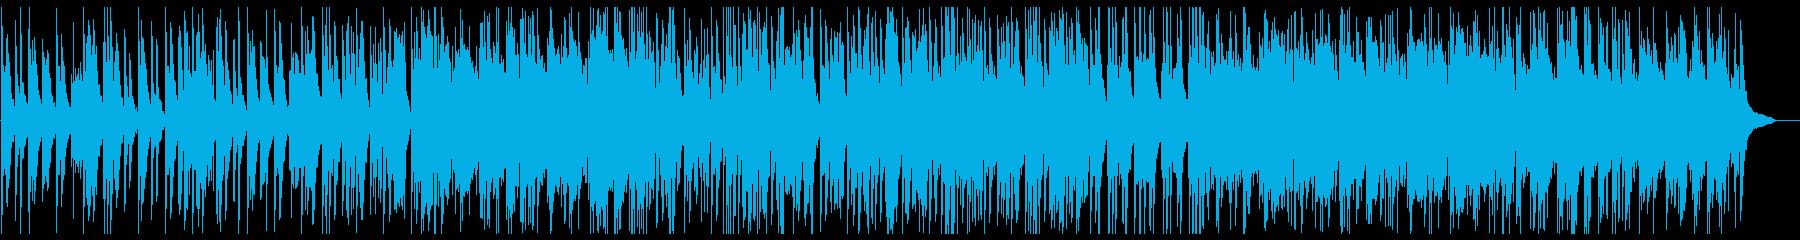 滑らかなスムーズピアノの曲の再生済みの波形